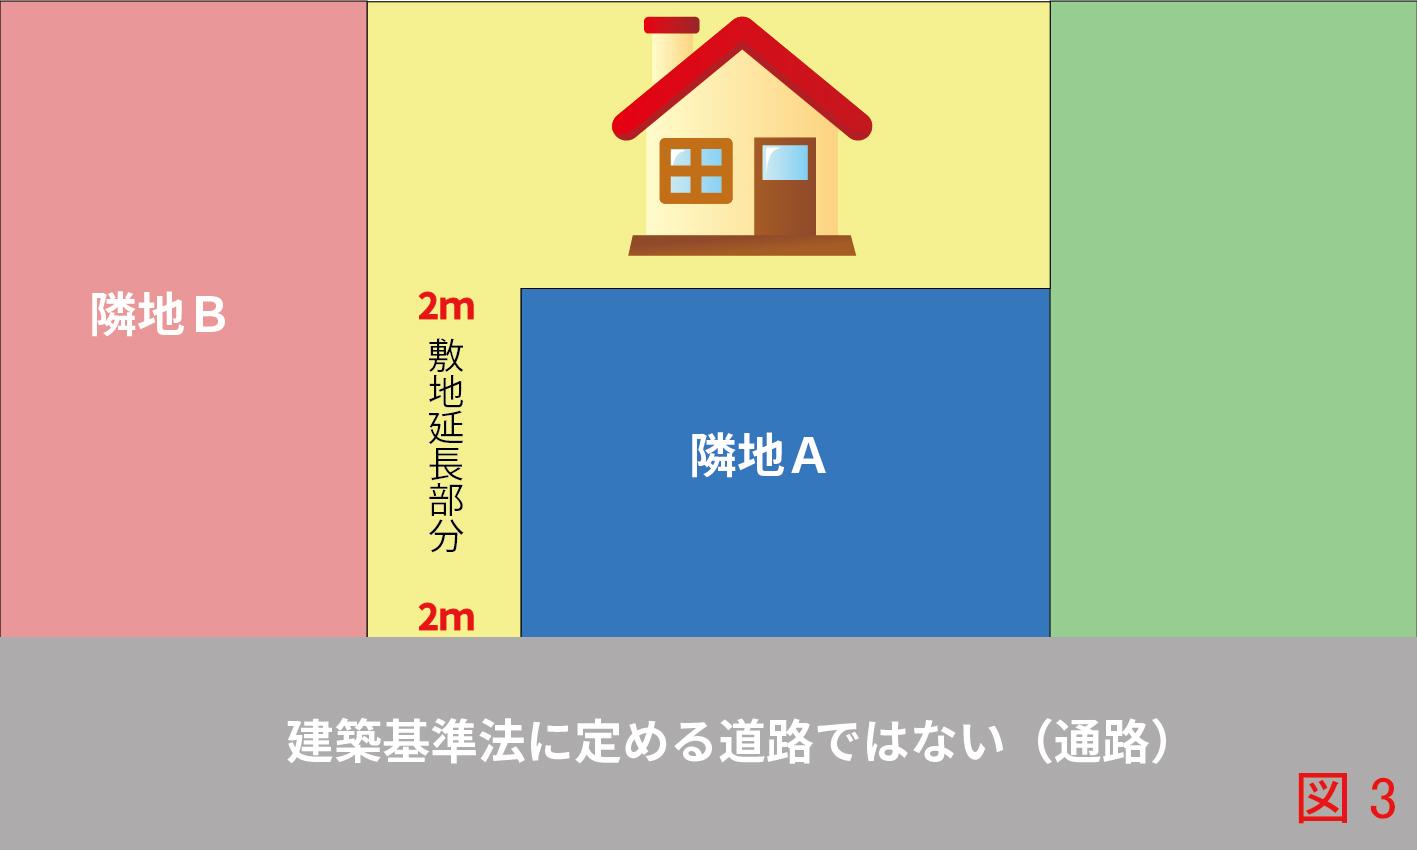 建物が建っている土地の間口が2m以上接している場合でも、前面道路が建築基準法第42条に規定する道路ではない場合、AもBも対象地も建て替えが不可(再建築不可)となります